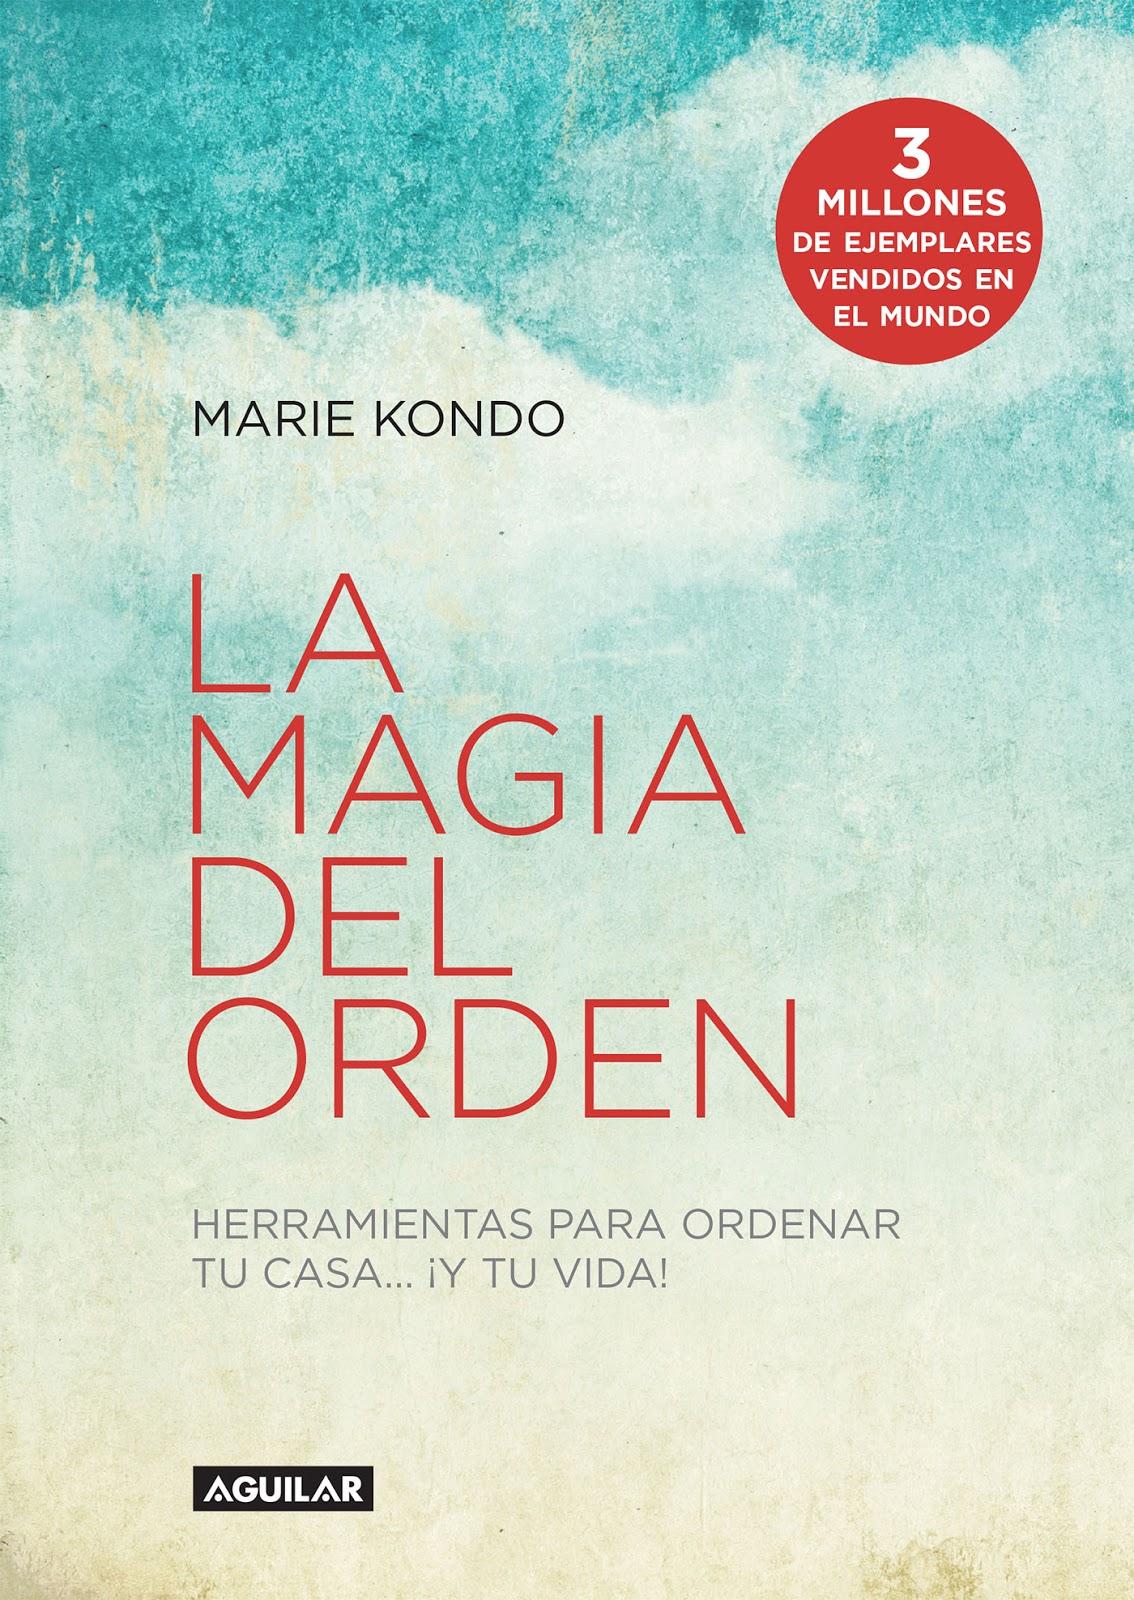 La magia del orden, de Marie Kondo